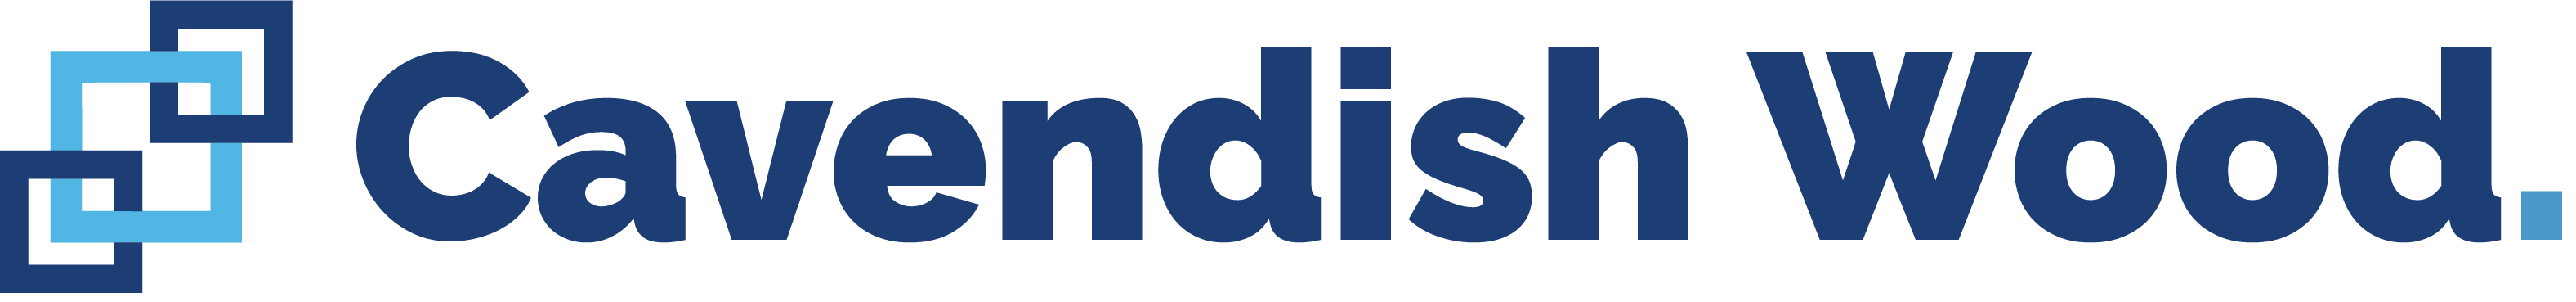 Cavendish Wood Logo NEW